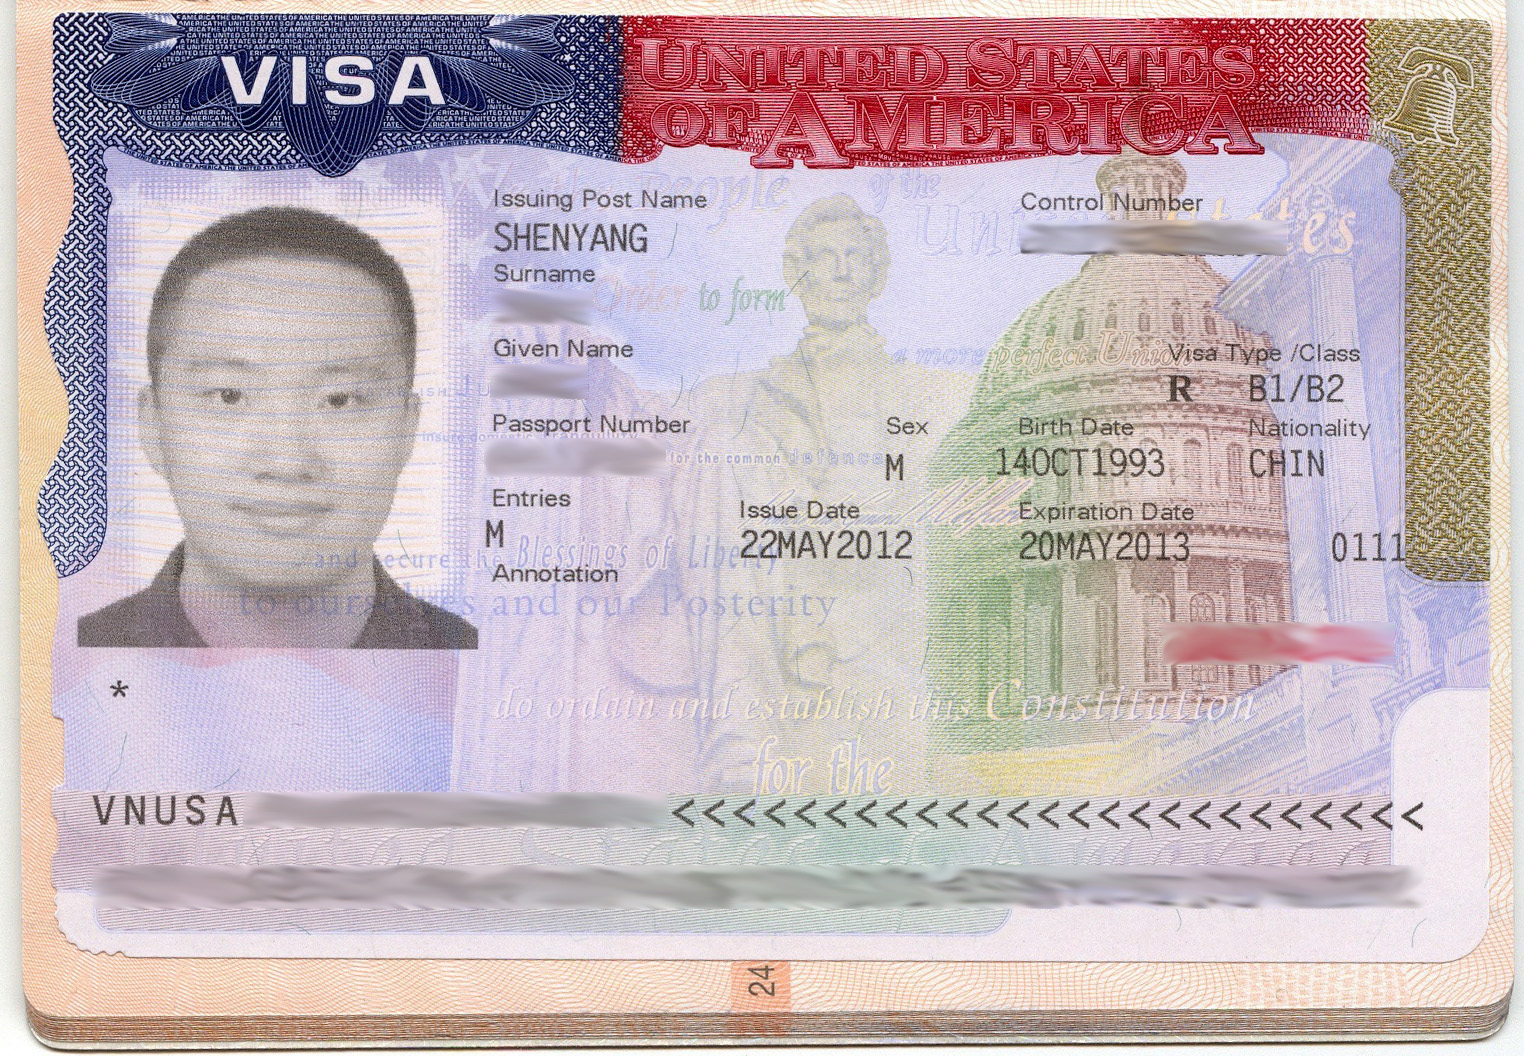 USA_visa_(2012)